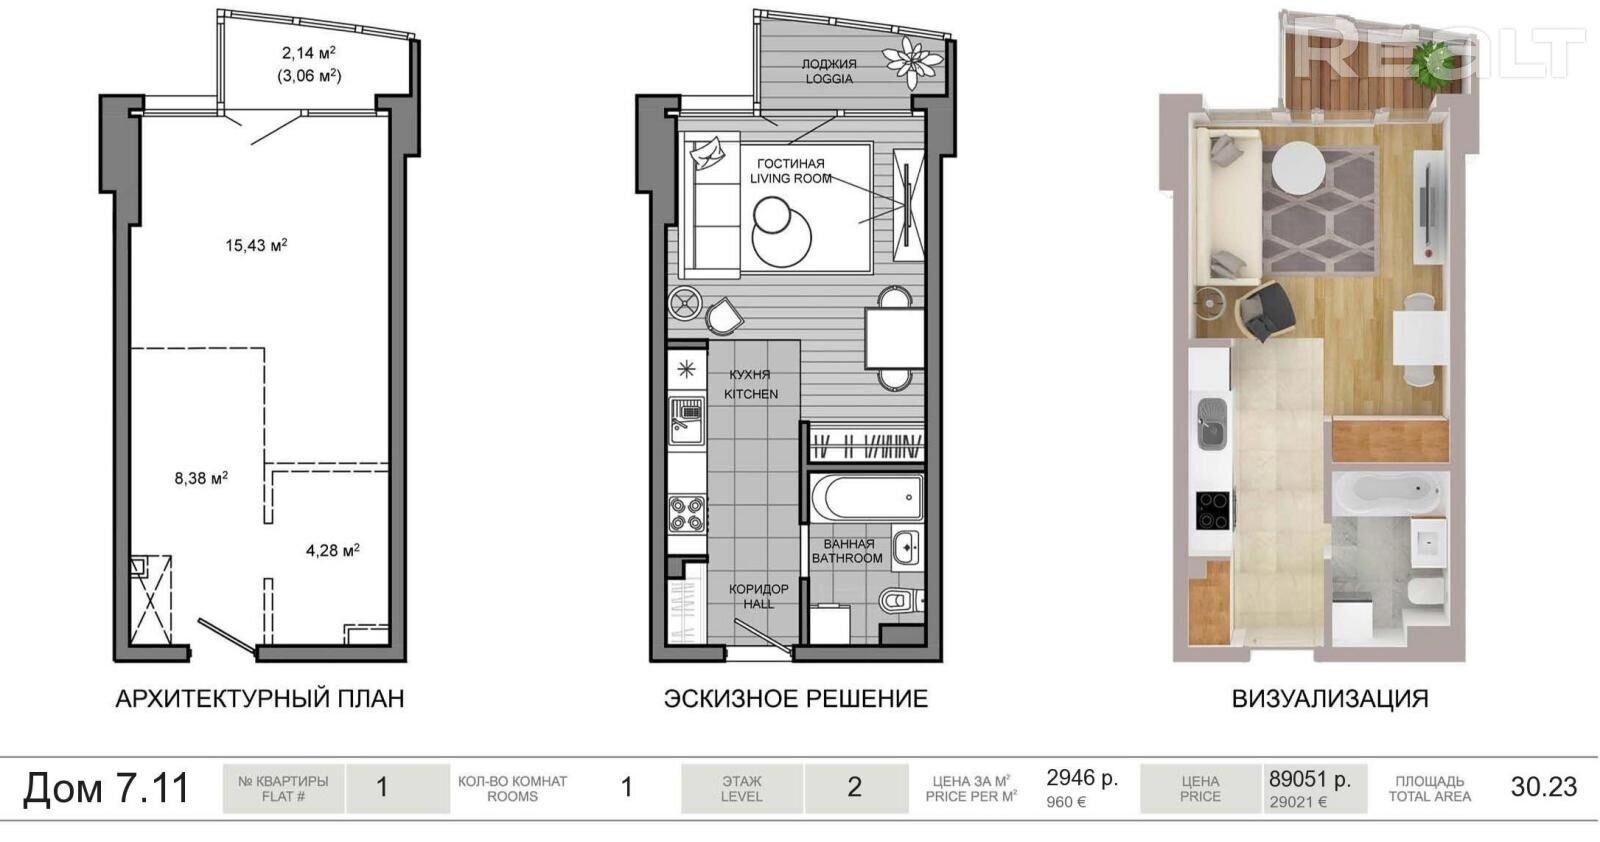 Продажа 1 комнатной квартиры в г. Минске, ул. Аэродромная, дом 7 (р-н Воронянского, Могилевская, Чкалова). Цена 84 756 руб